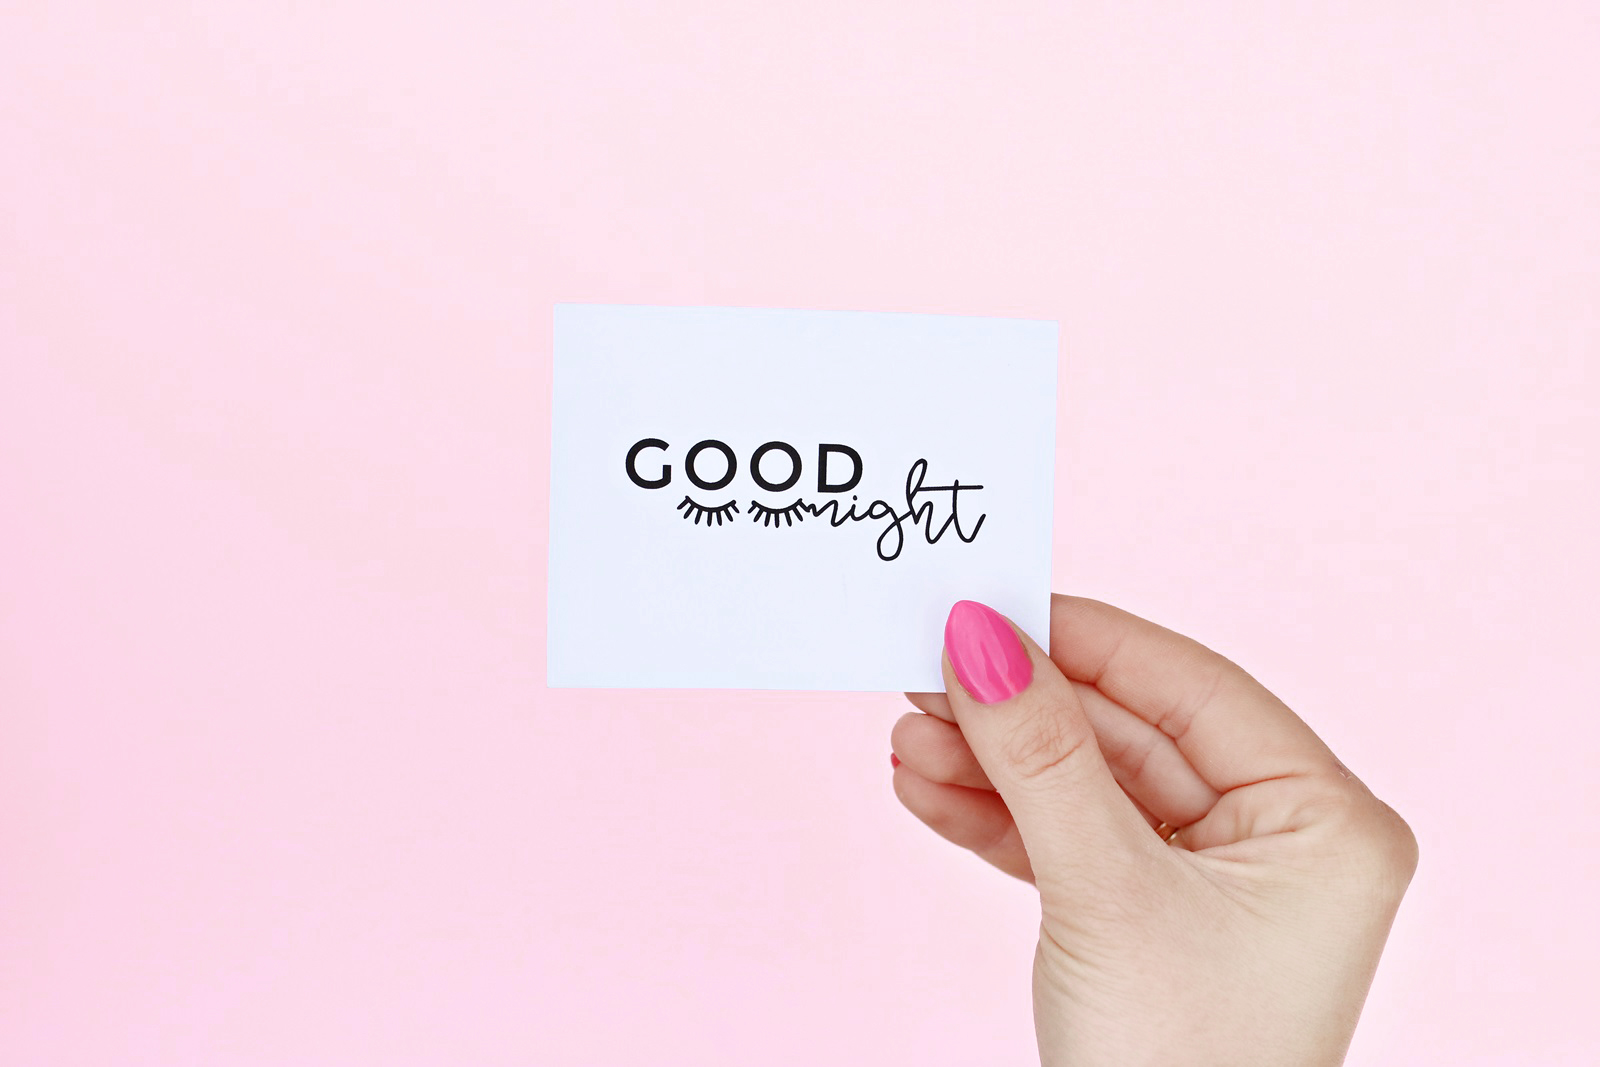 Karteczki z napisami na instagrama do pobrania i druku